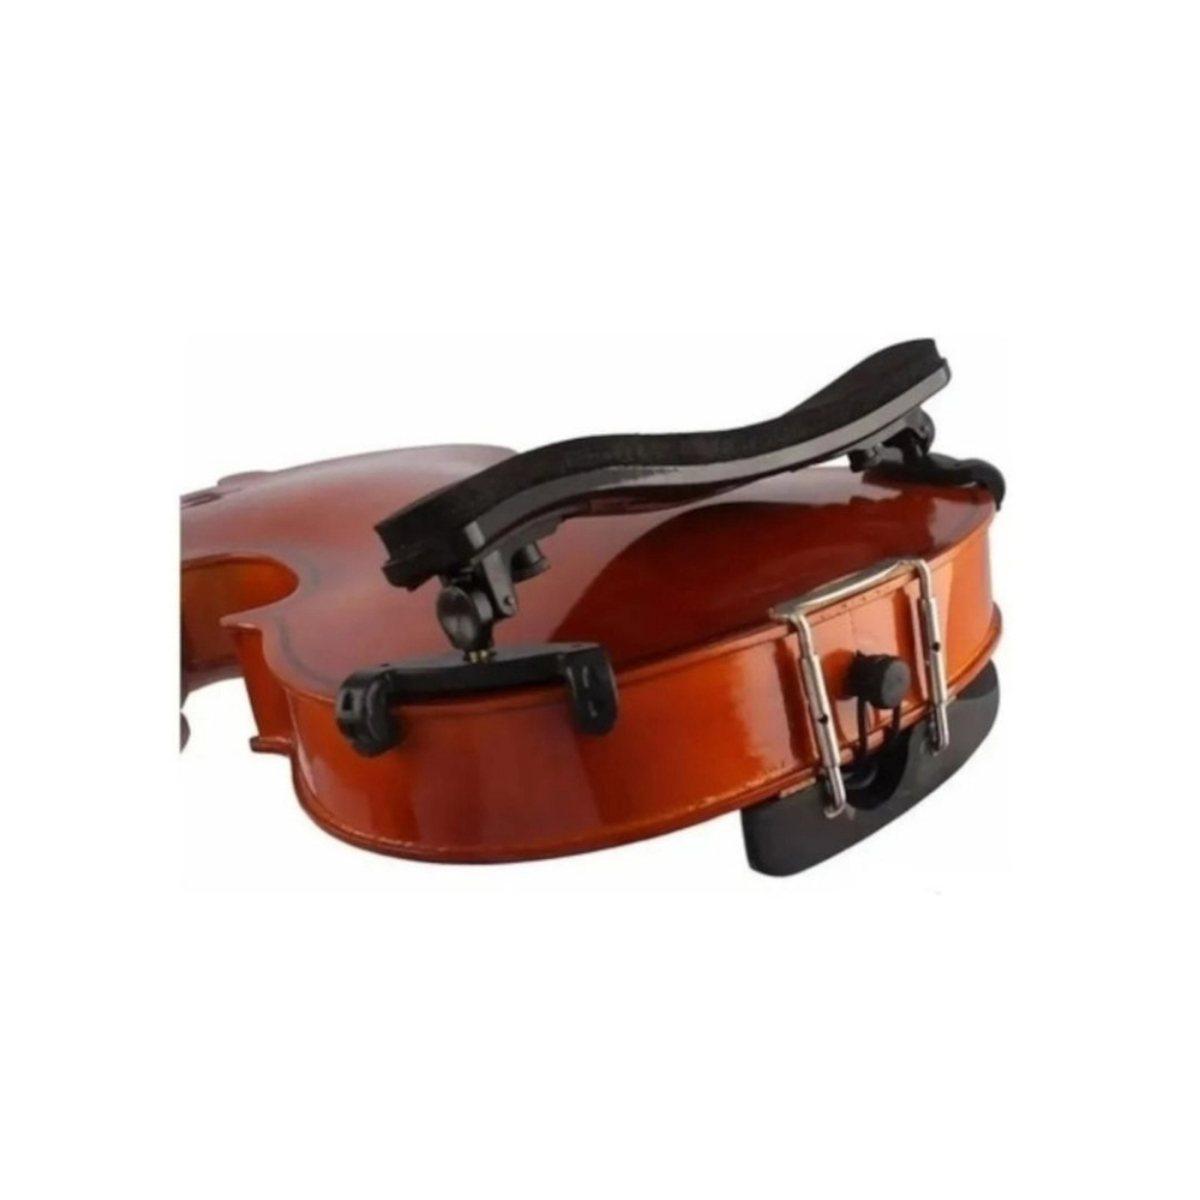 Espaleira Para Violino Smart Svn01 Ajustável 3/4 4/4